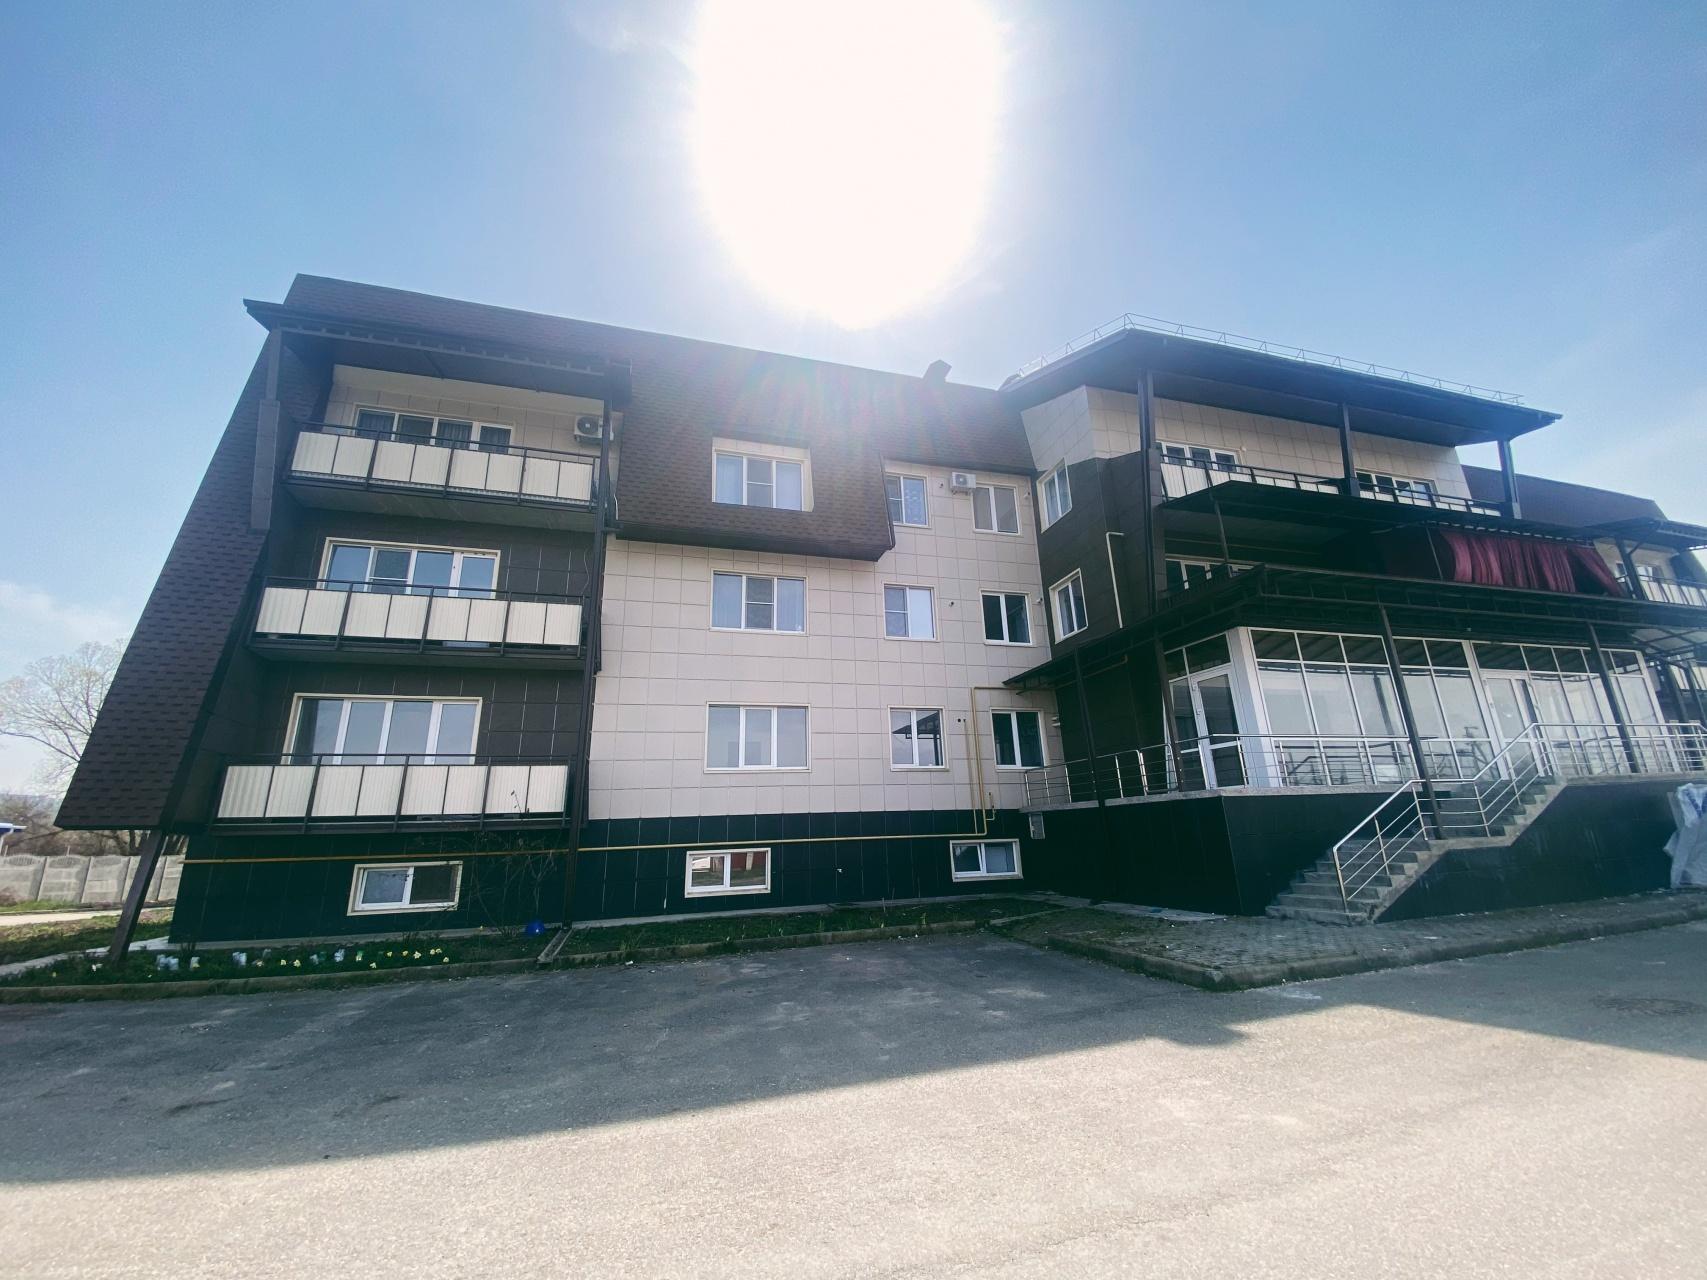 Квартира 1 комнатная в Совхозный п. район